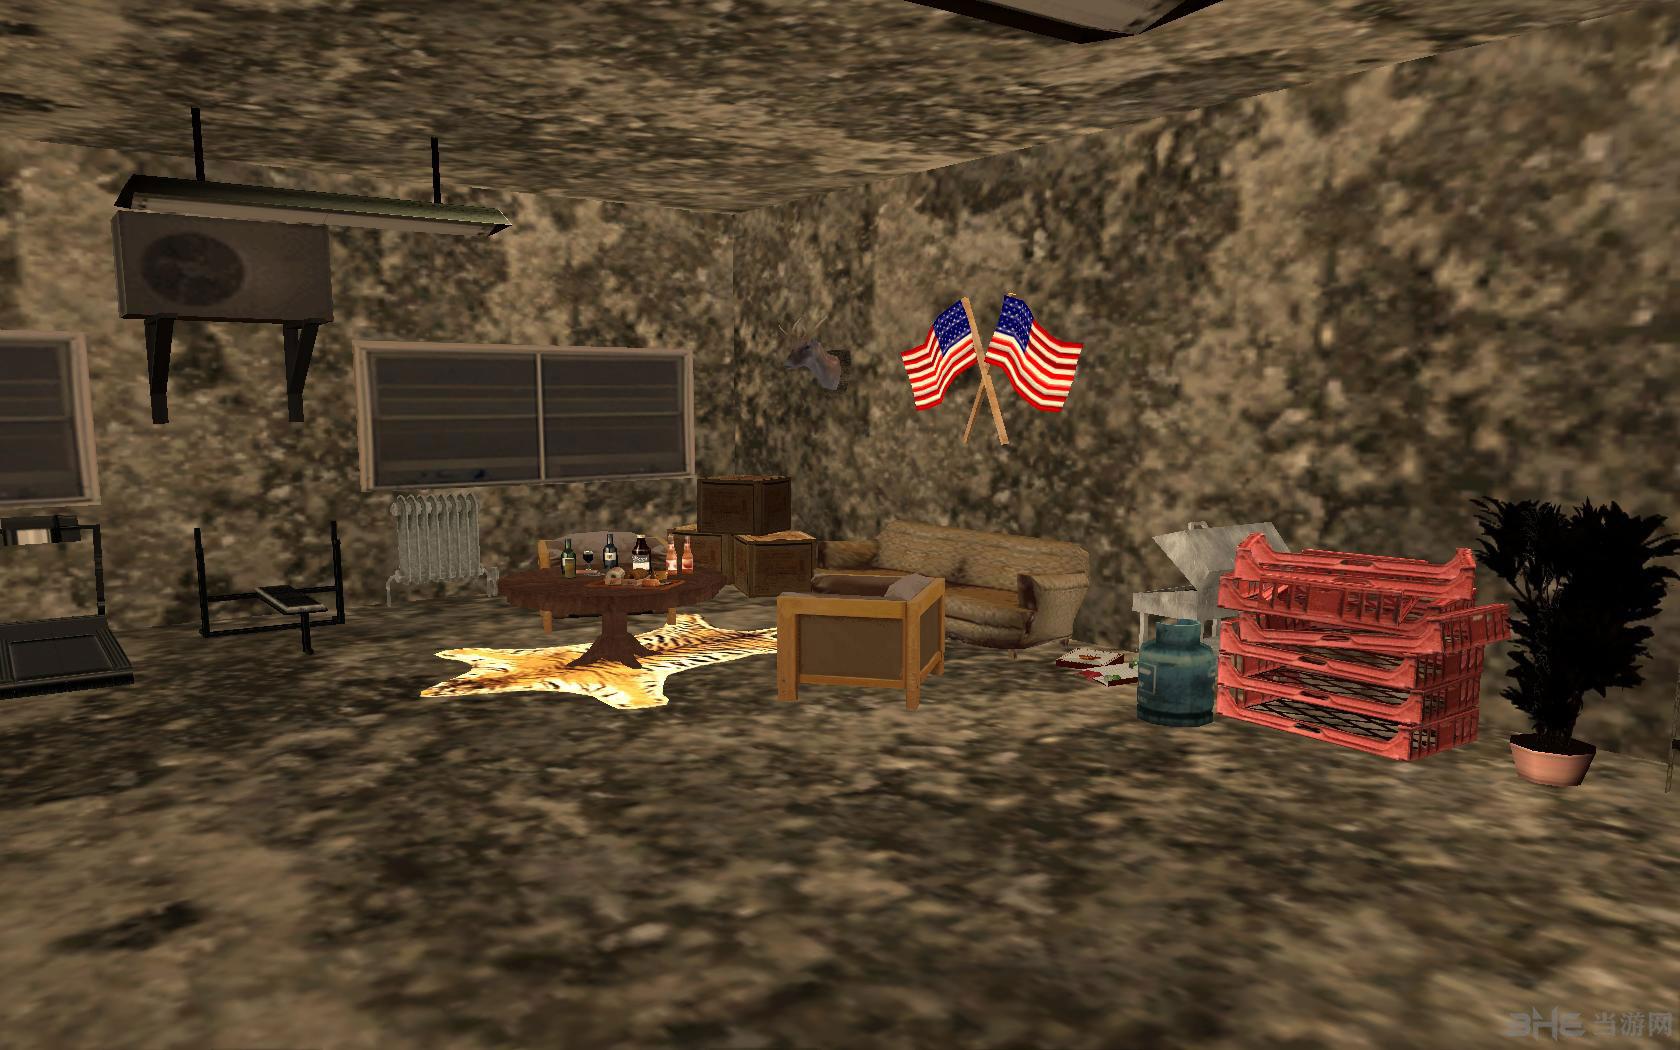 侠盗猎车手圣安地列斯地下室地图MOD截图4